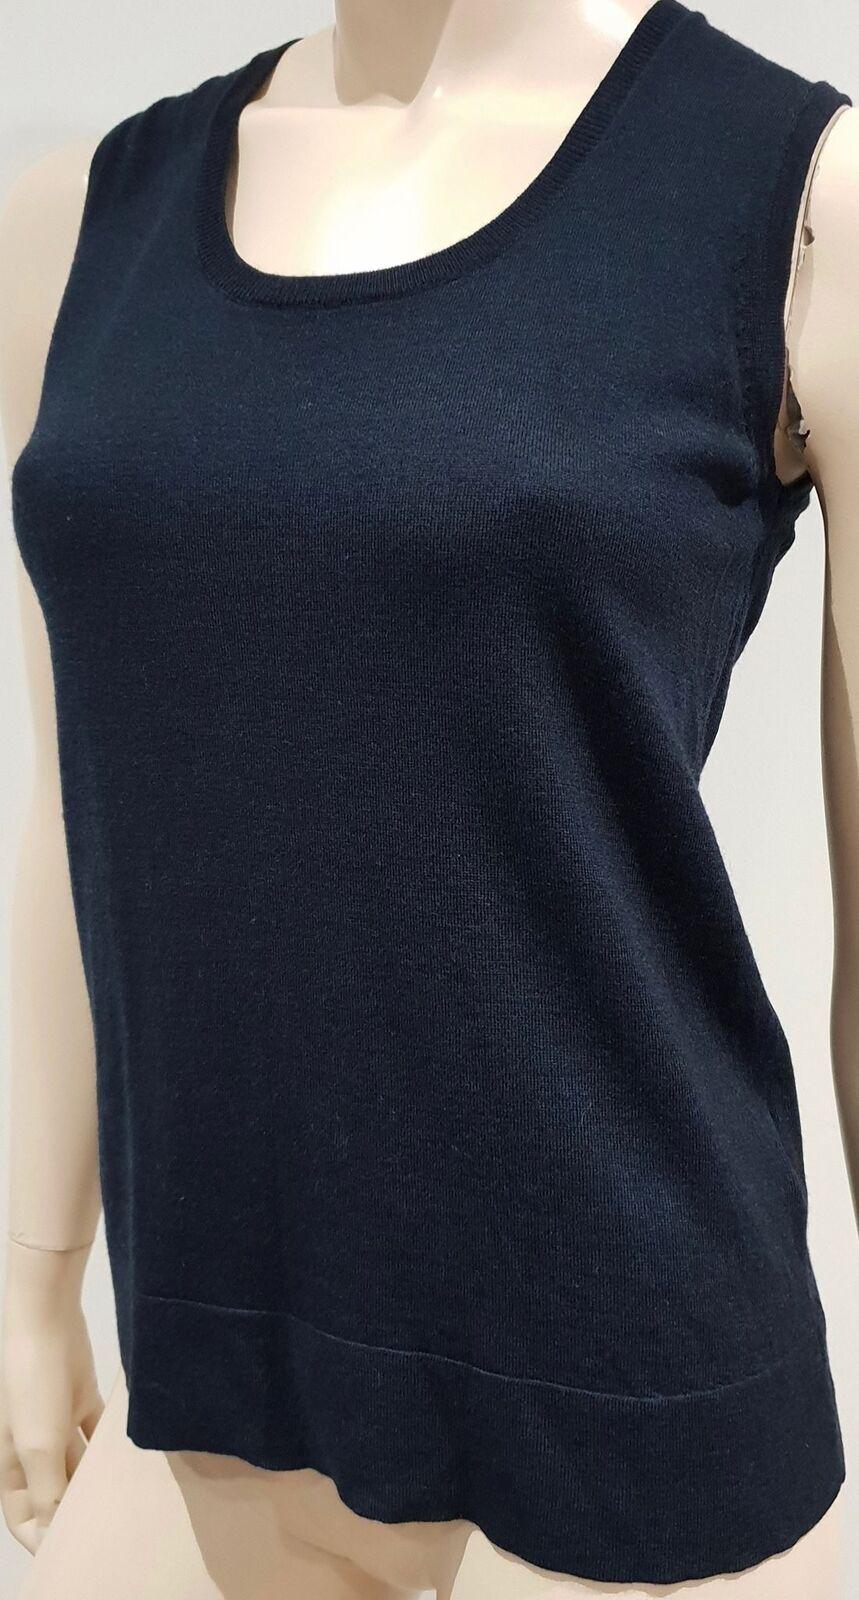 PAULE KA Navy Blau 100% Wolle Sleeveless Fine Knitwear Tank Vest Jumper Sweater M